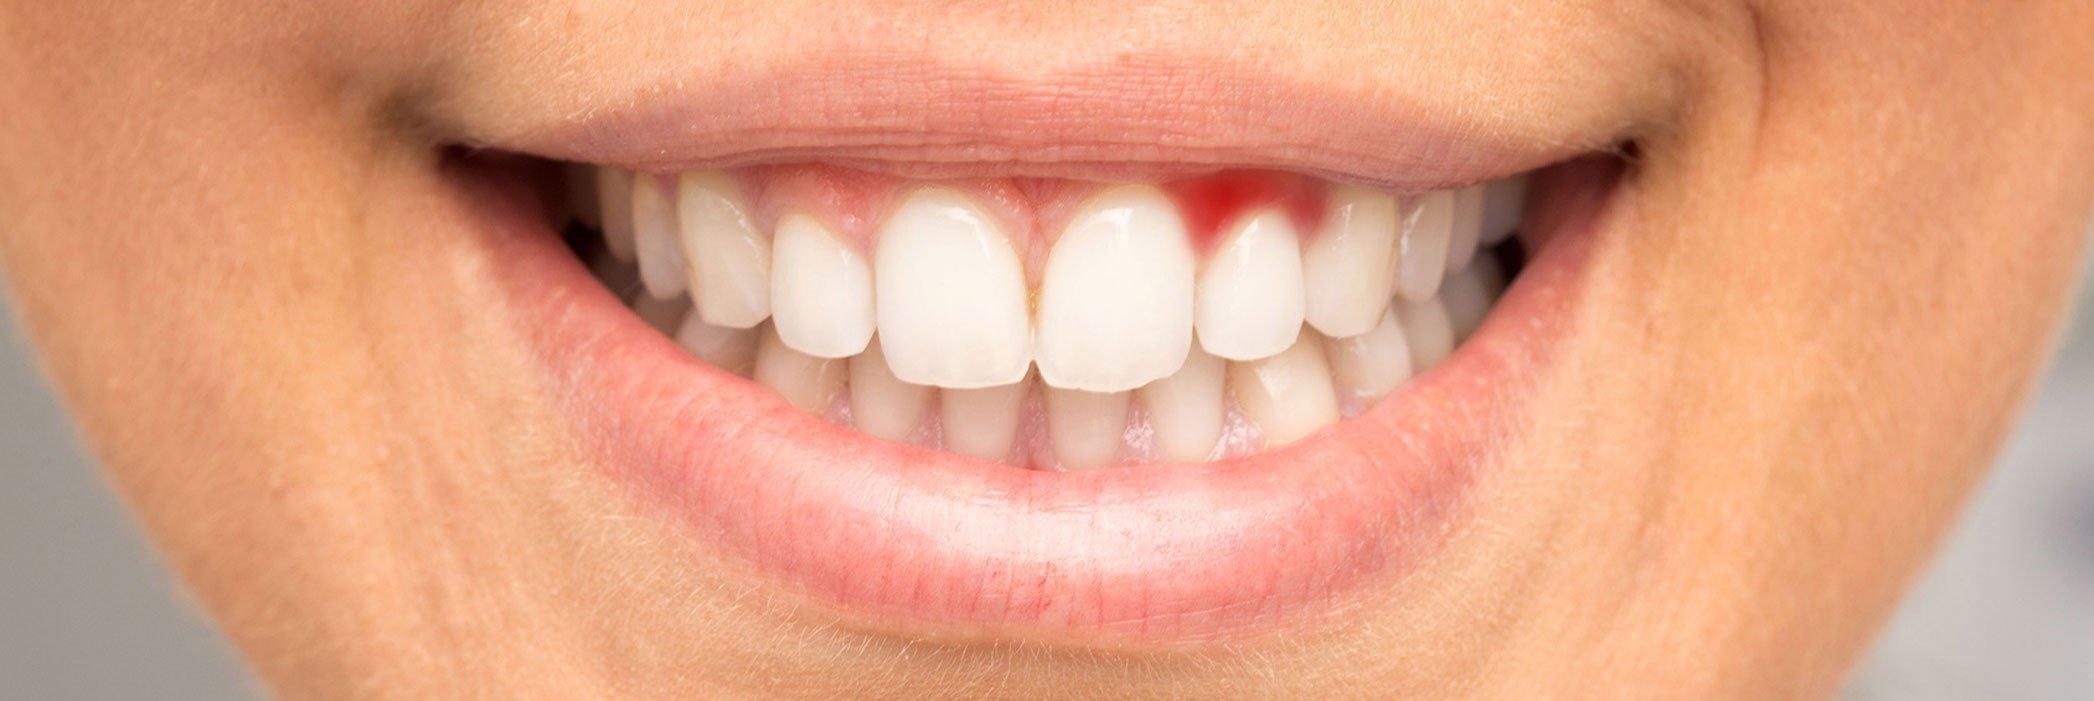 Parodontite e doxiciclina topica, lo stato dell'arte